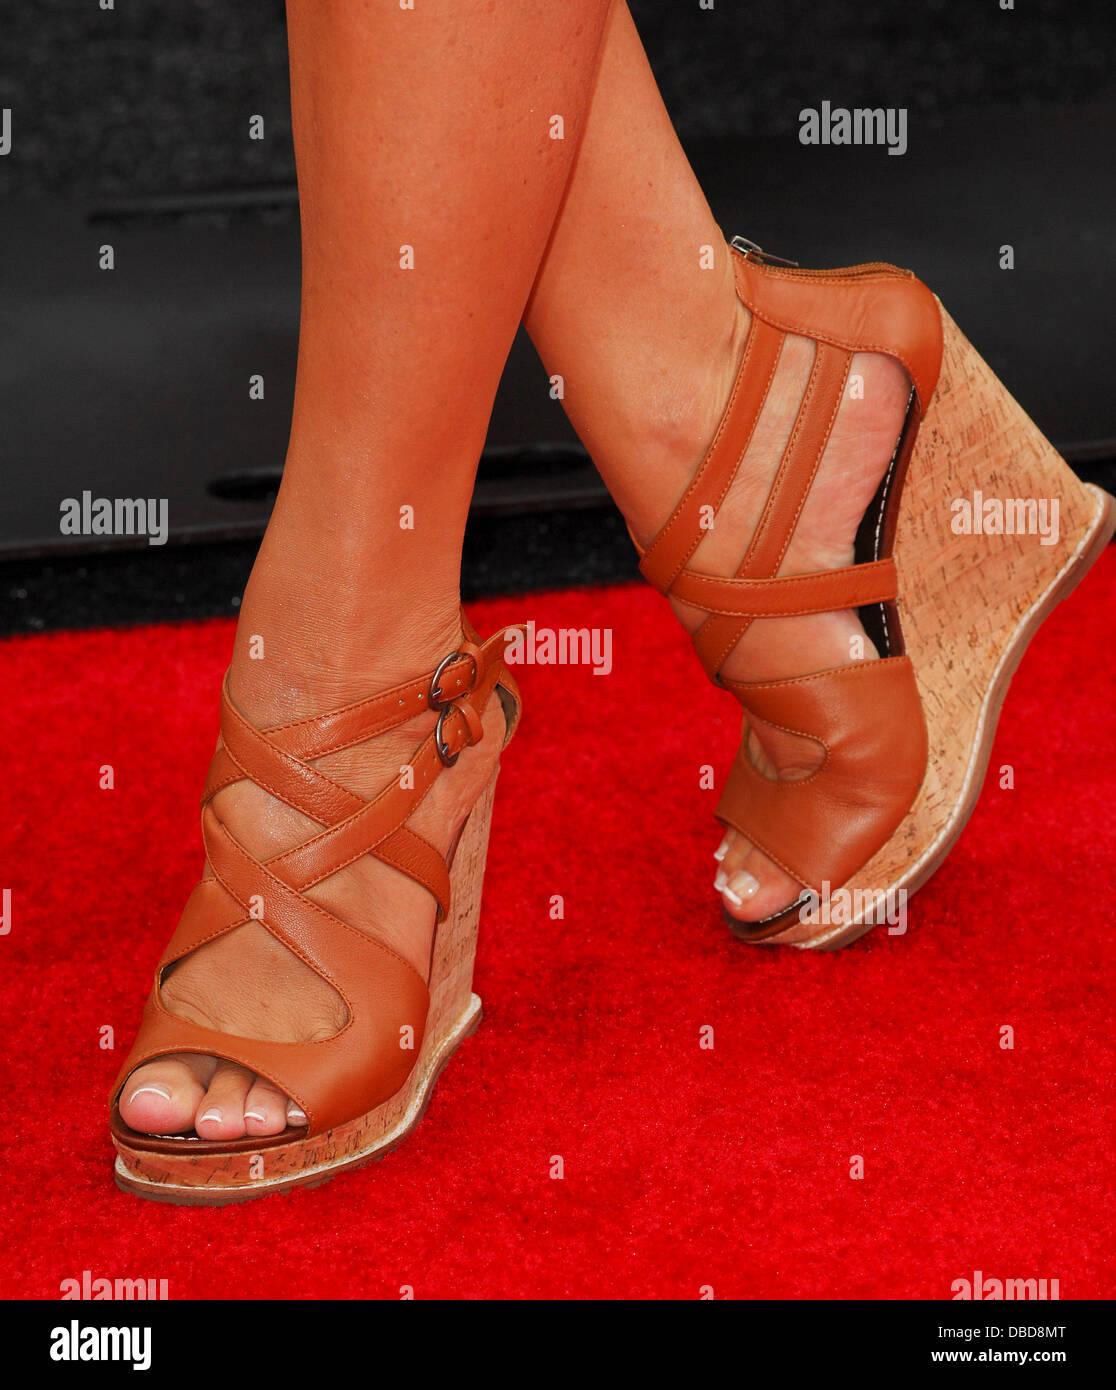 Nancy o dell feet